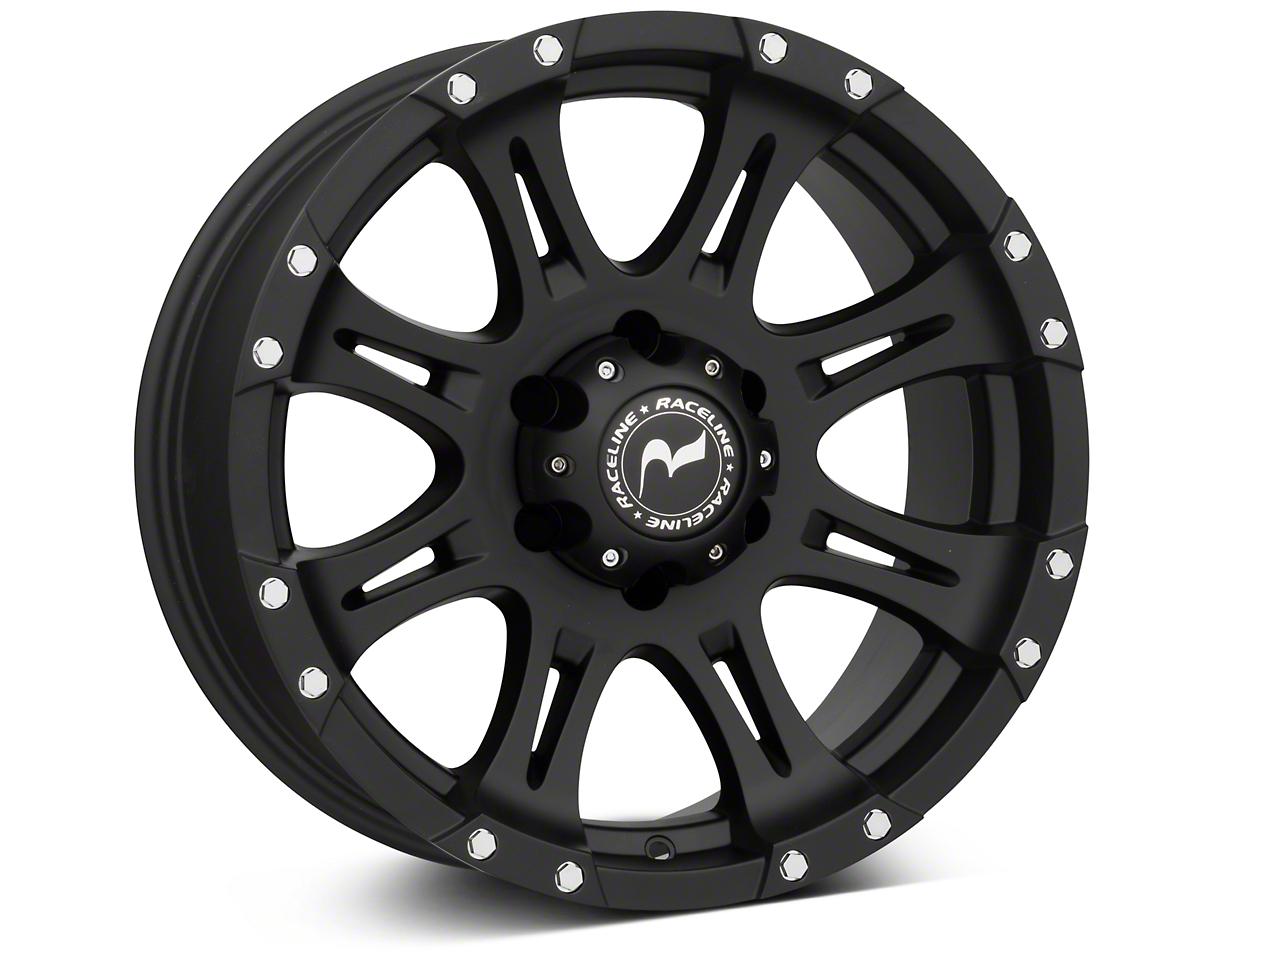 Raceline Raptor Black 6-Lug Wheel - 18x9 (07-18 Silverado 1500)